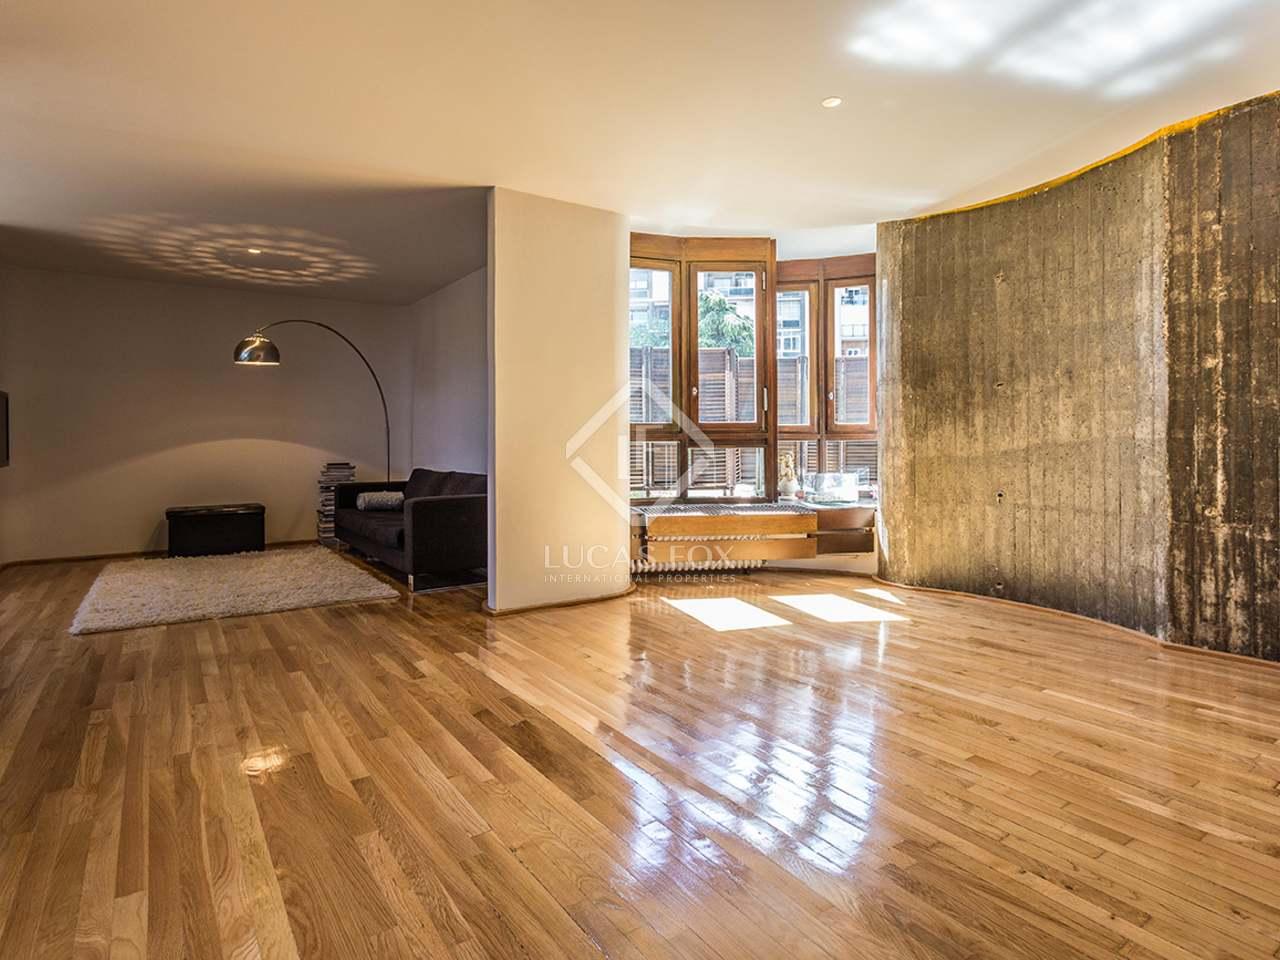 236m wohnung zum verkauf in prosperidad madrid. Black Bedroom Furniture Sets. Home Design Ideas